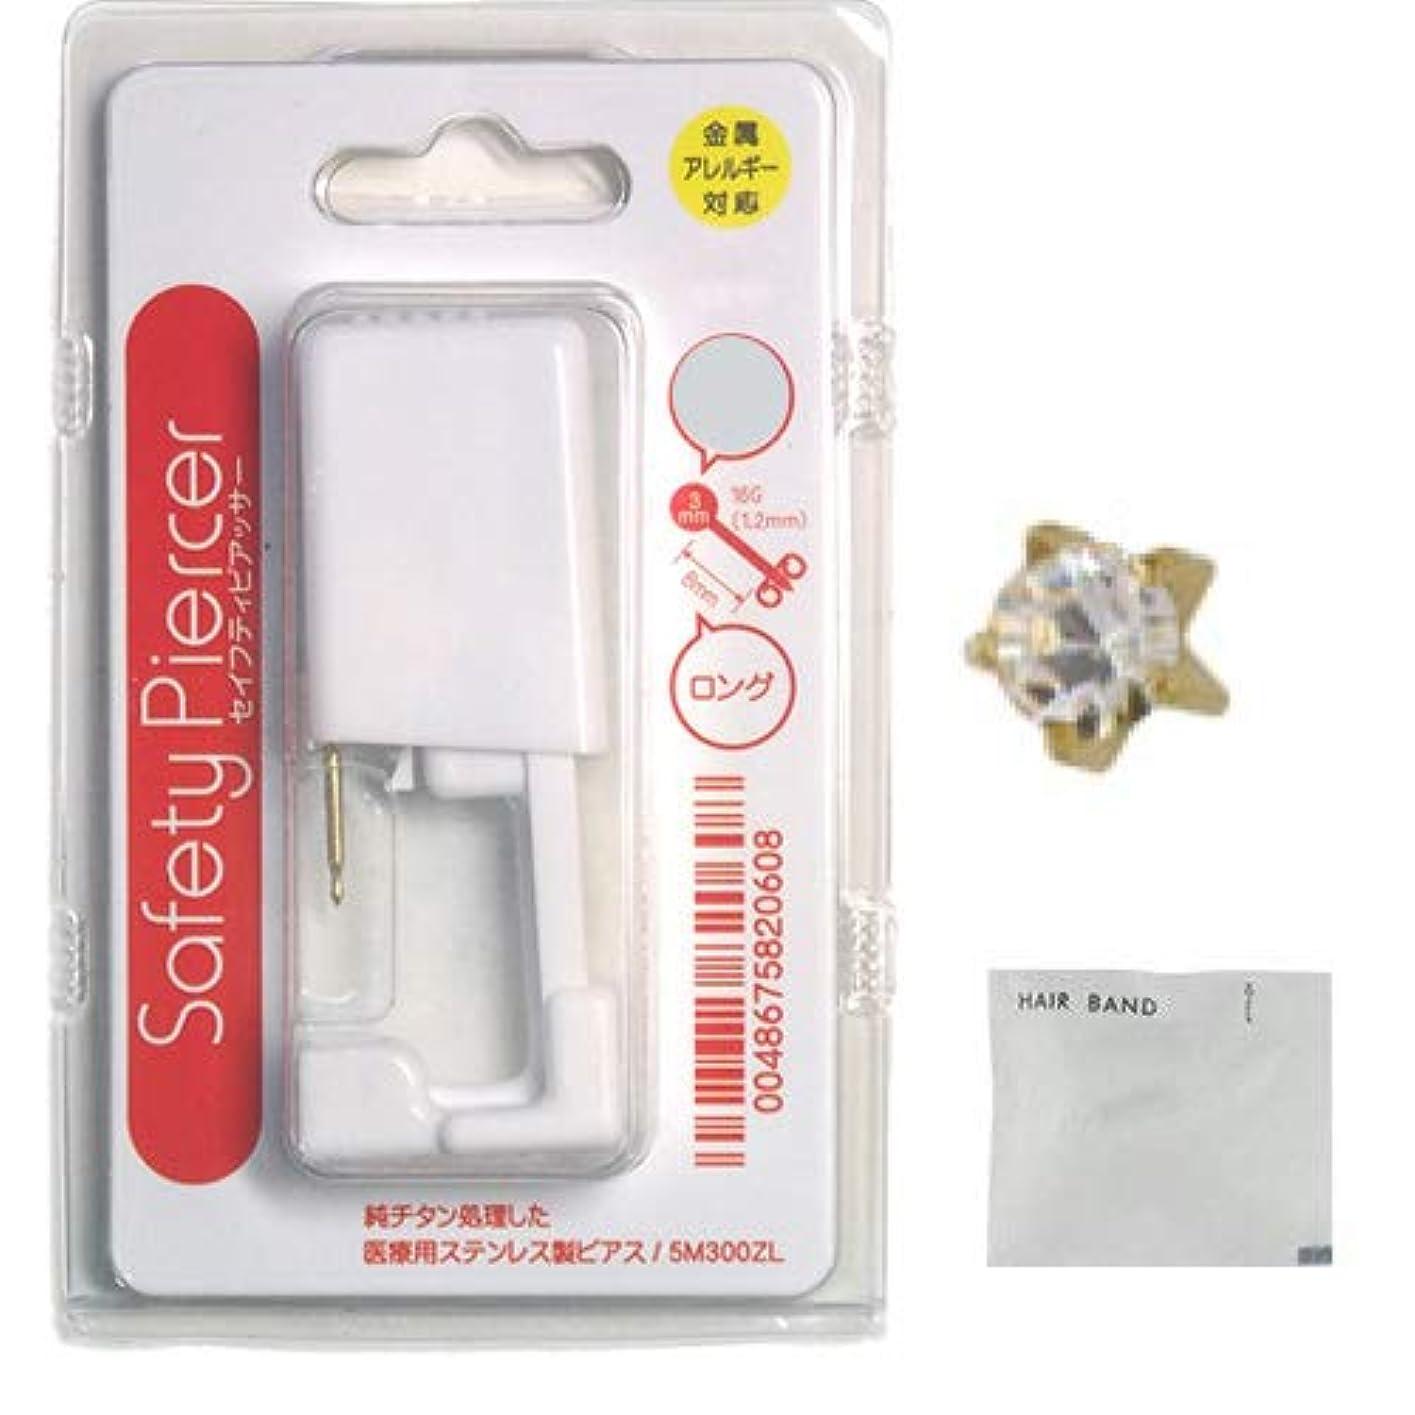 以下ビュッフェ敬礼セイフティピアッサー シャンパンゴールド チタンロングタイプ(片耳用) 5M104WL 4月ダイヤモンド+ ヘアゴム(カラーはおまかせ)セット